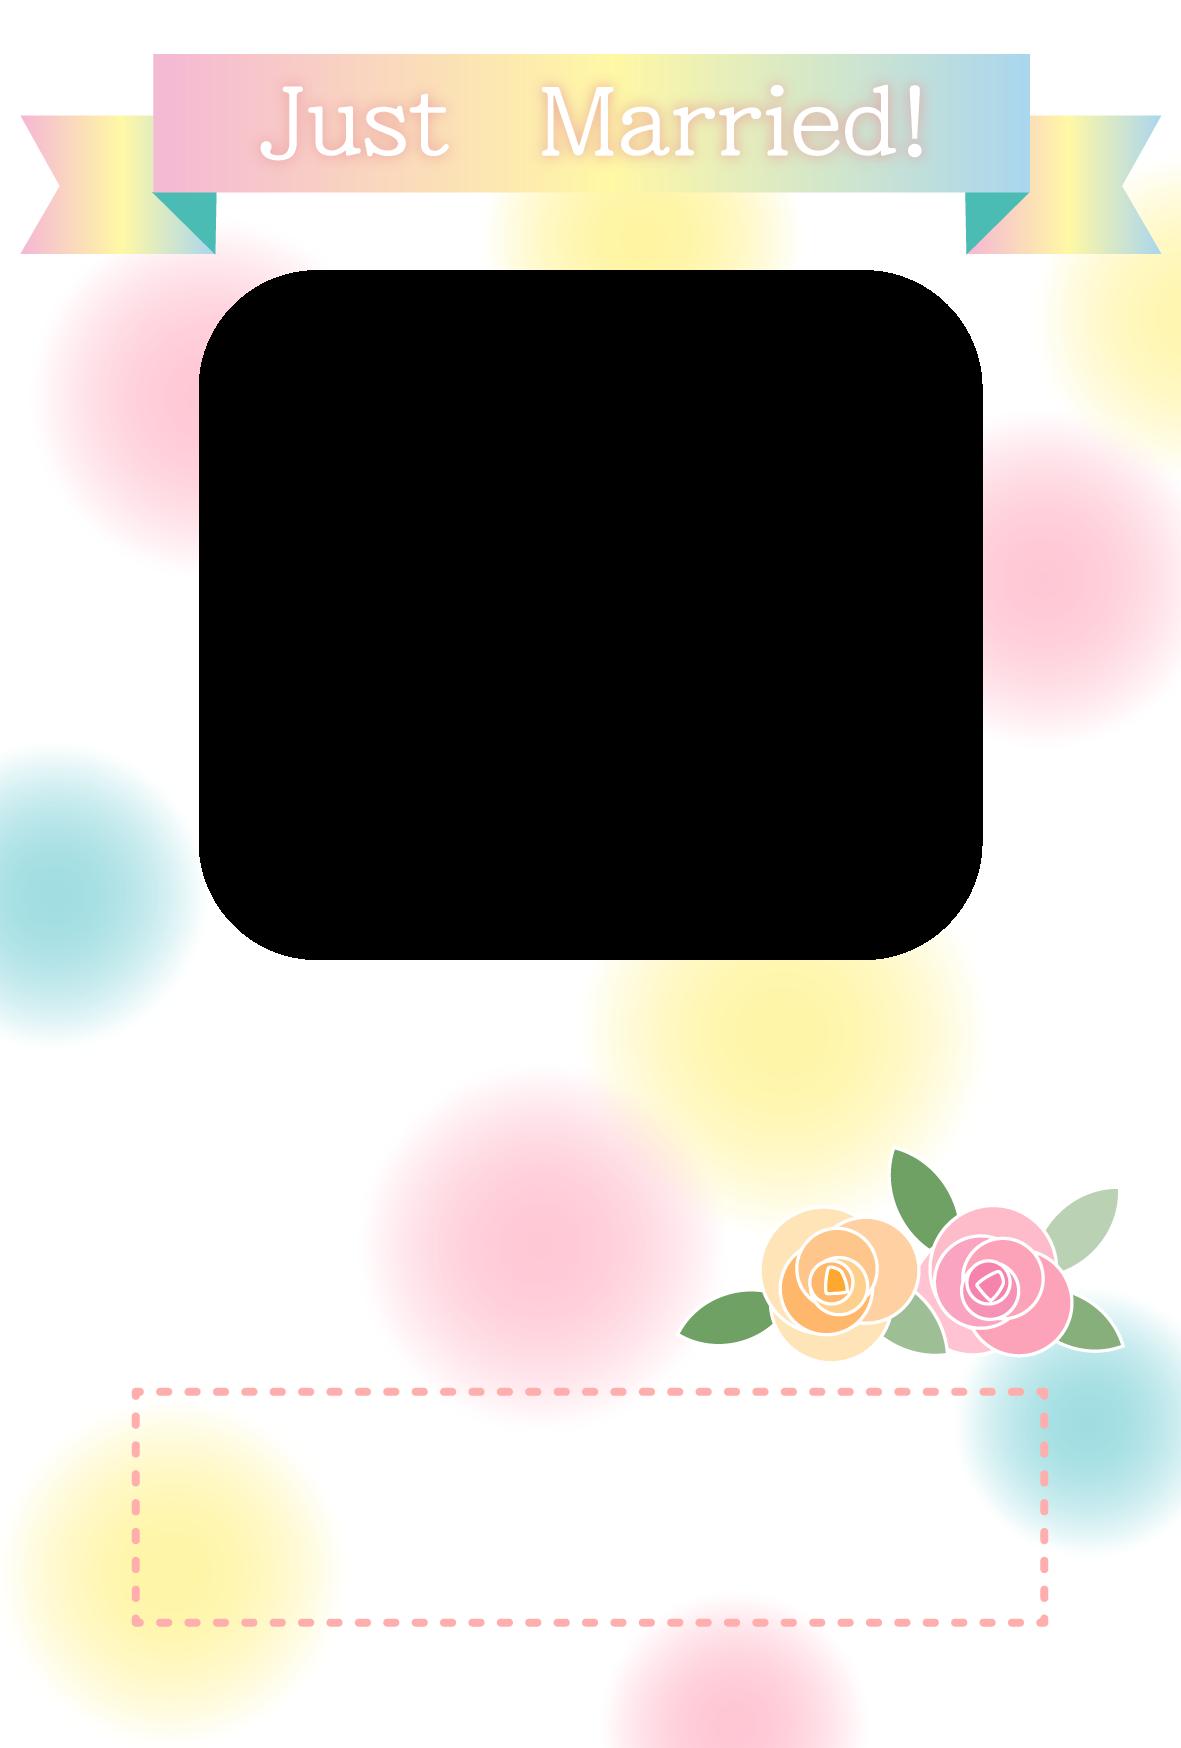 【文字無し】ふんわりかわいい結婚報告ハガキの無料テンプレートデザイン